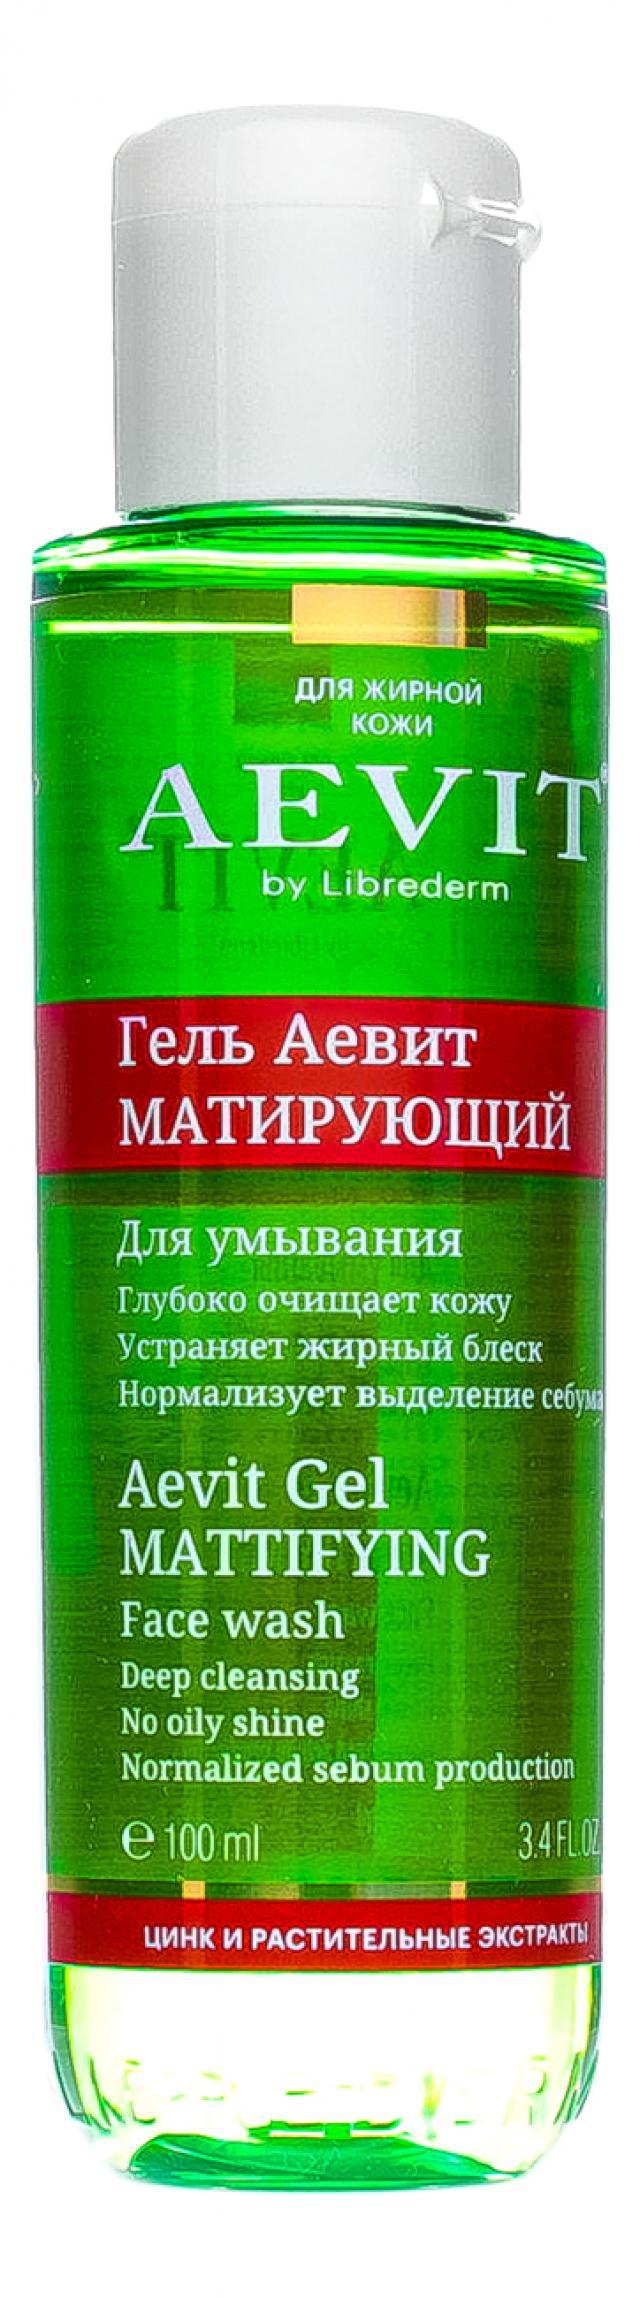 Либридерм гель для умывания Аевит матирующий 100мл купить в Москве по цене от 166 рублей